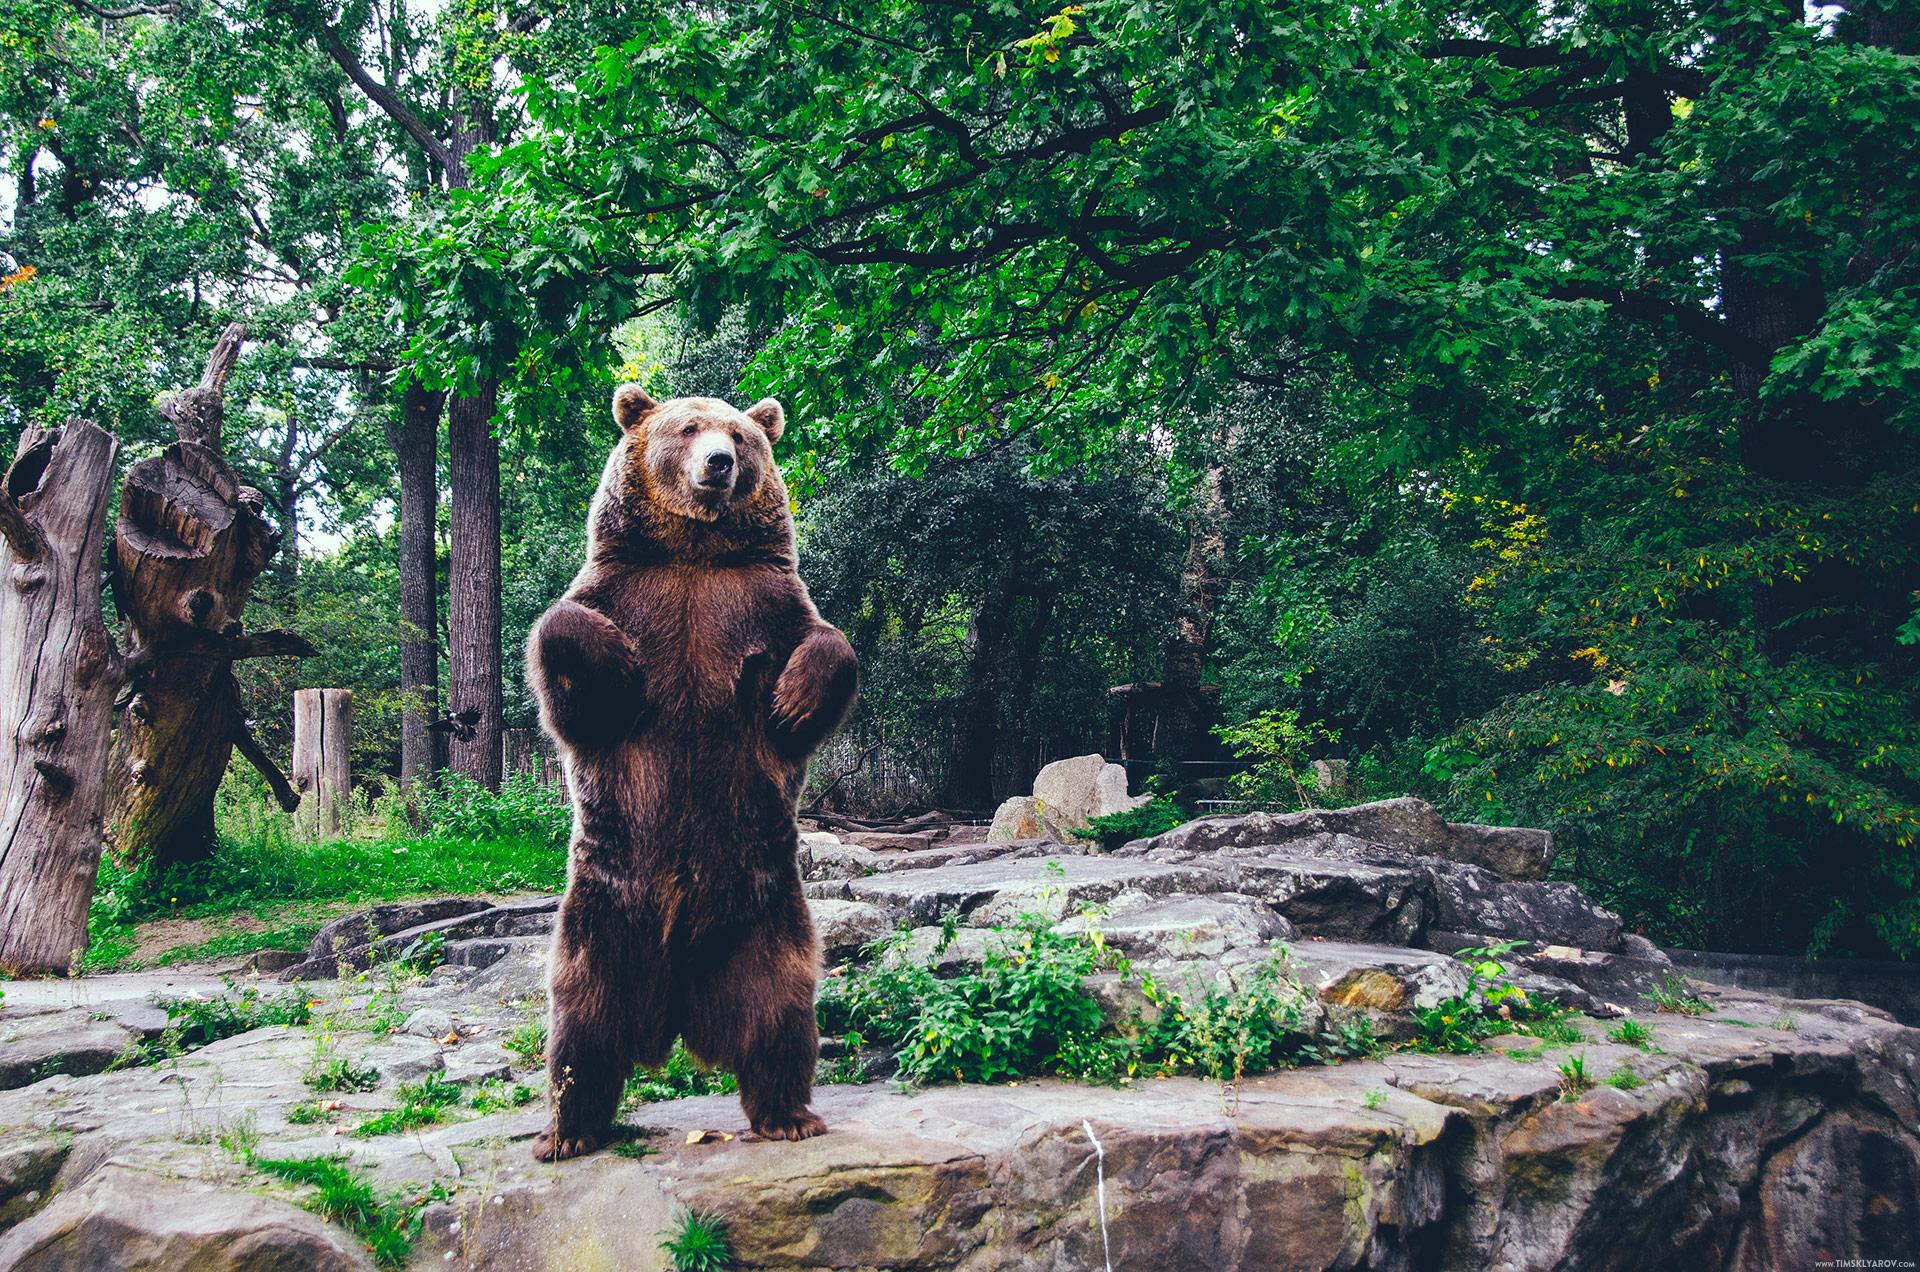 Бурая медведица Синди чувствует себя в неволе весьма неплохо. С удовольствием позировала перед зрителями.